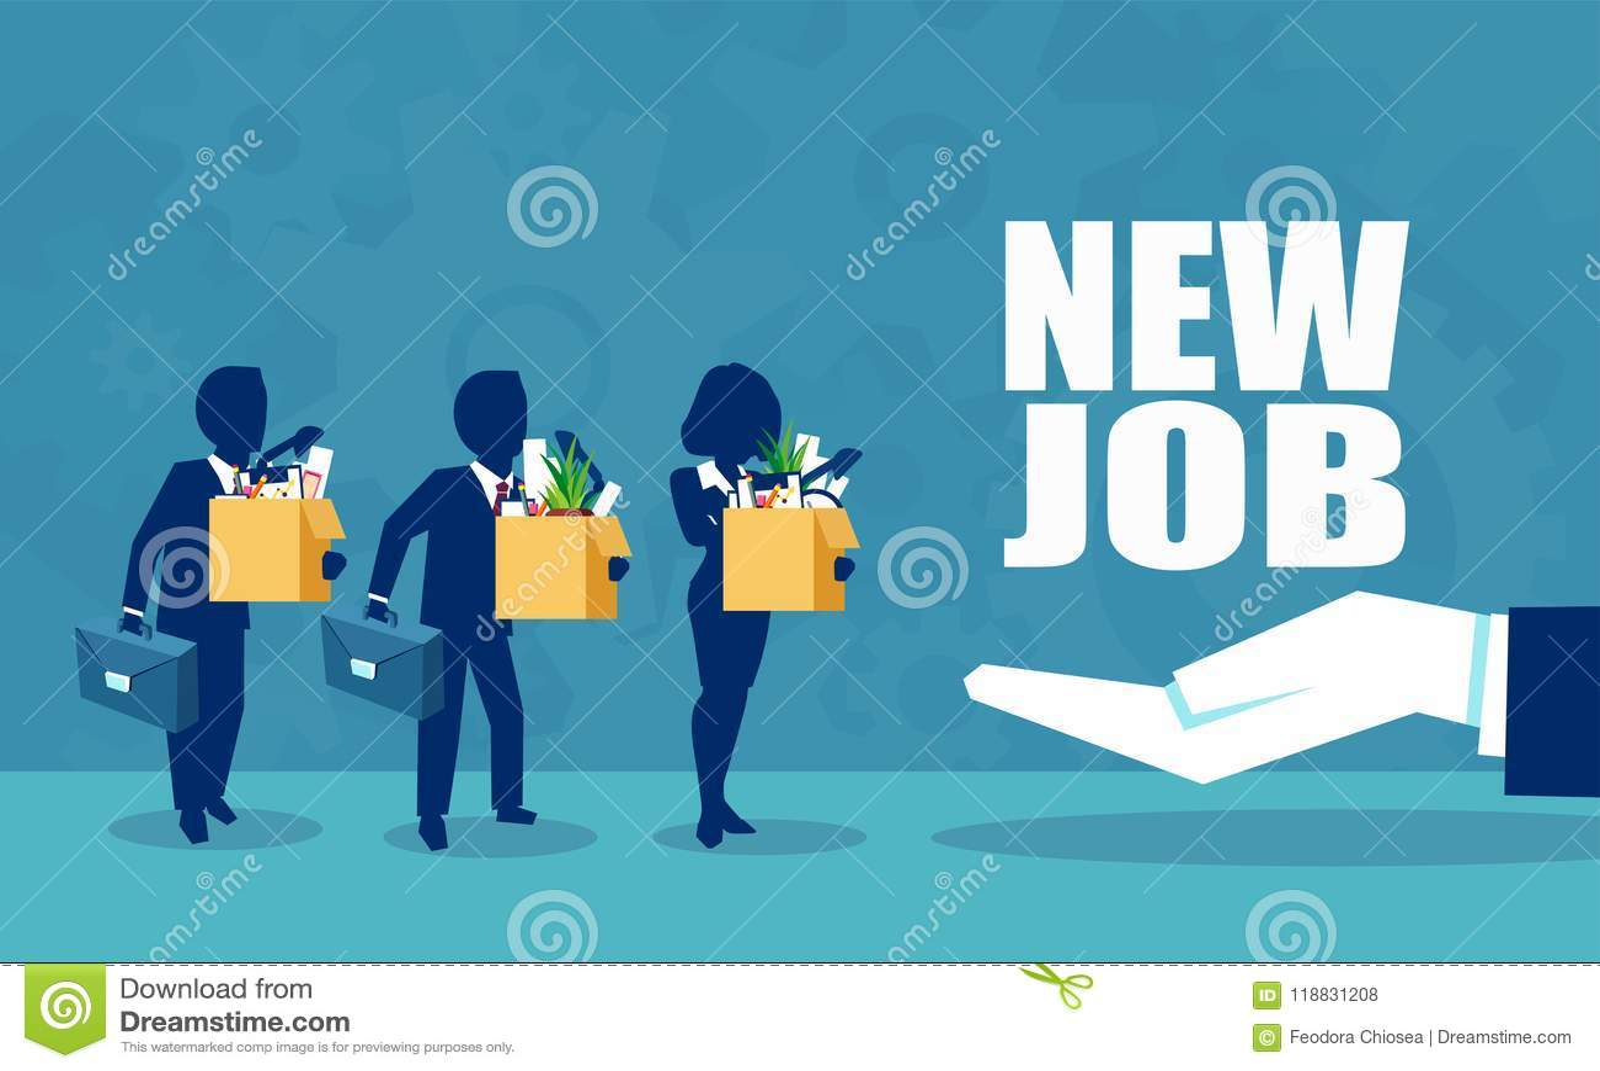 提供一个新的工作机会的一个公司上司的传染媒介为雇员